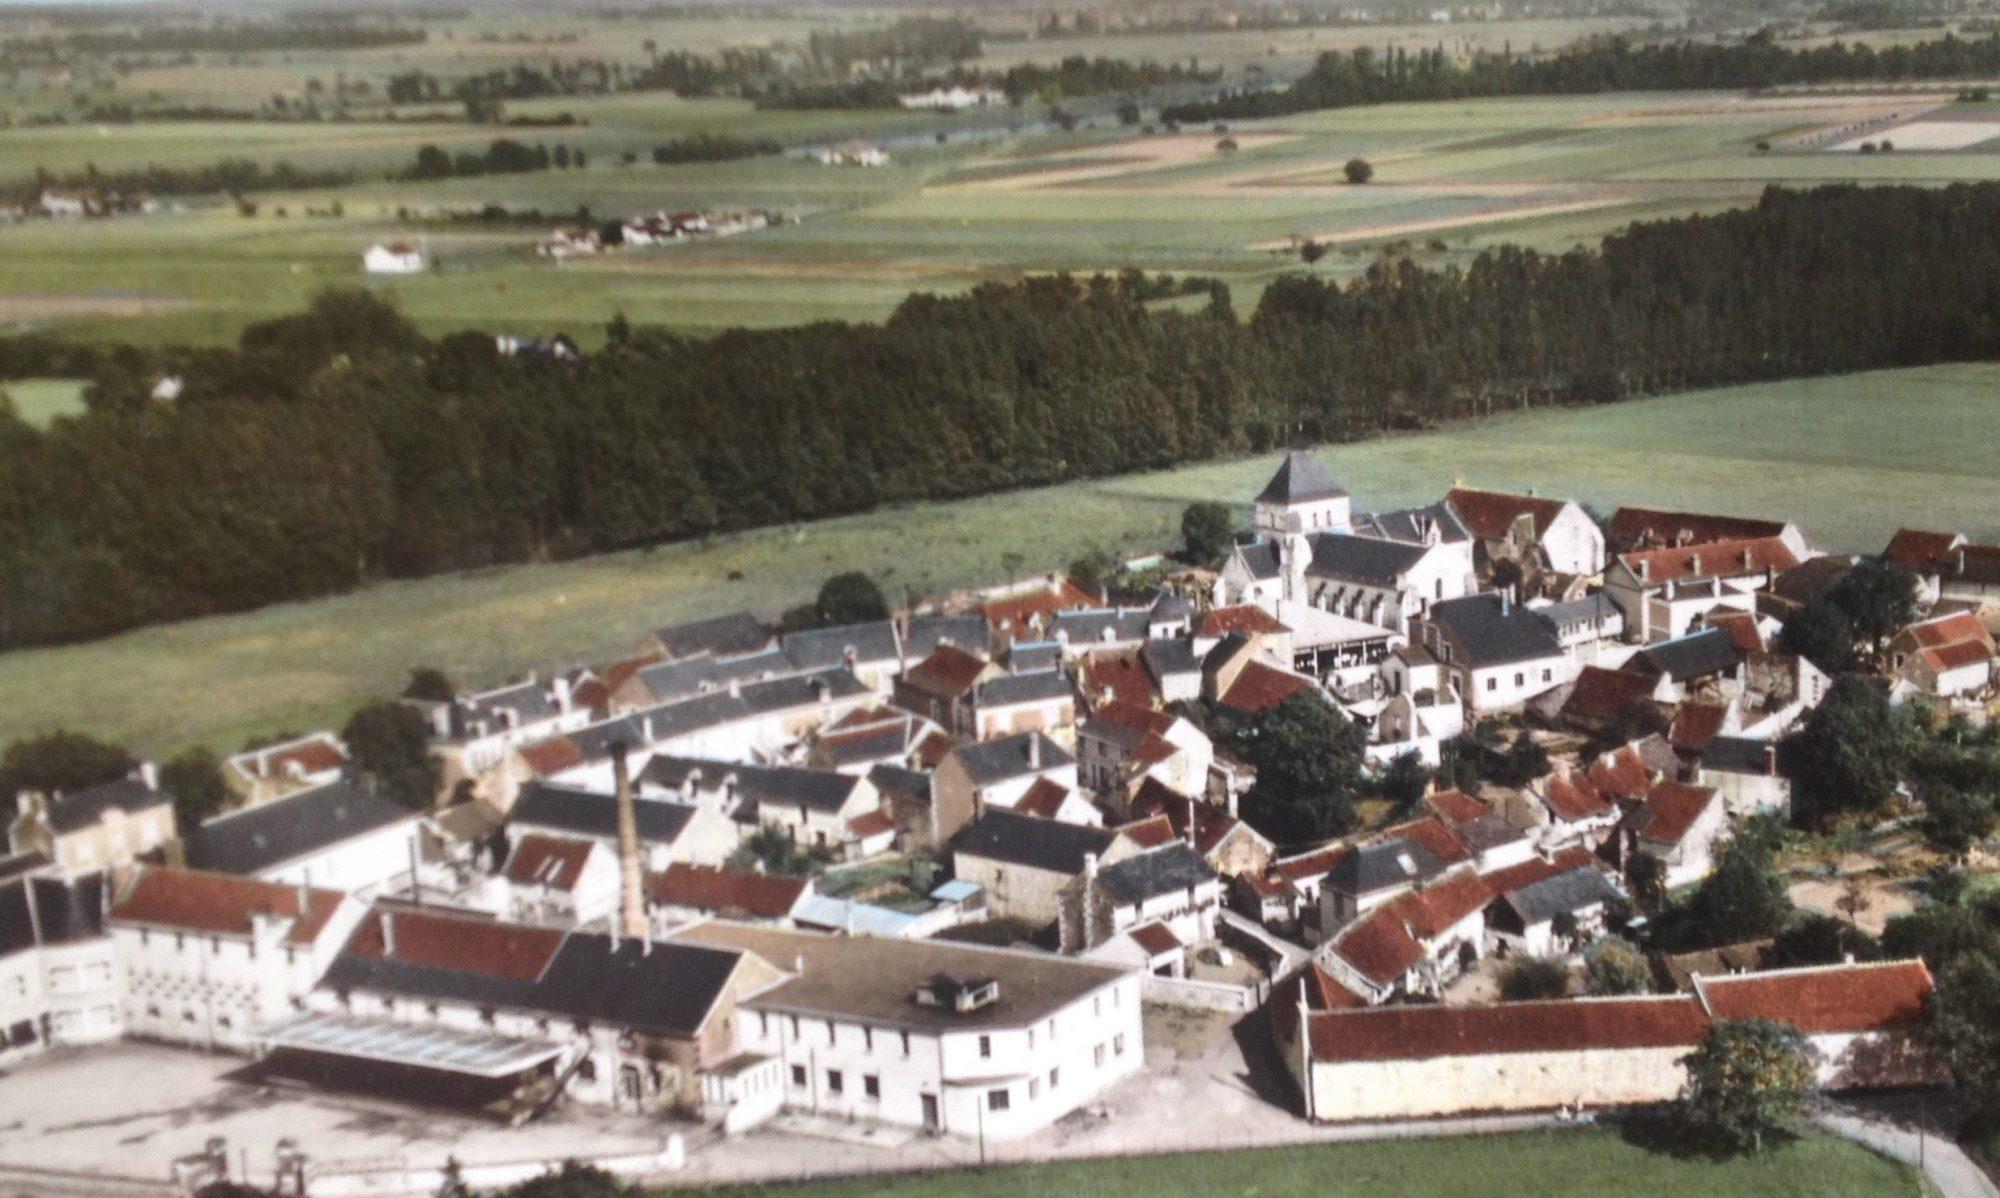 Mairie de Parçay-sur-Vienne